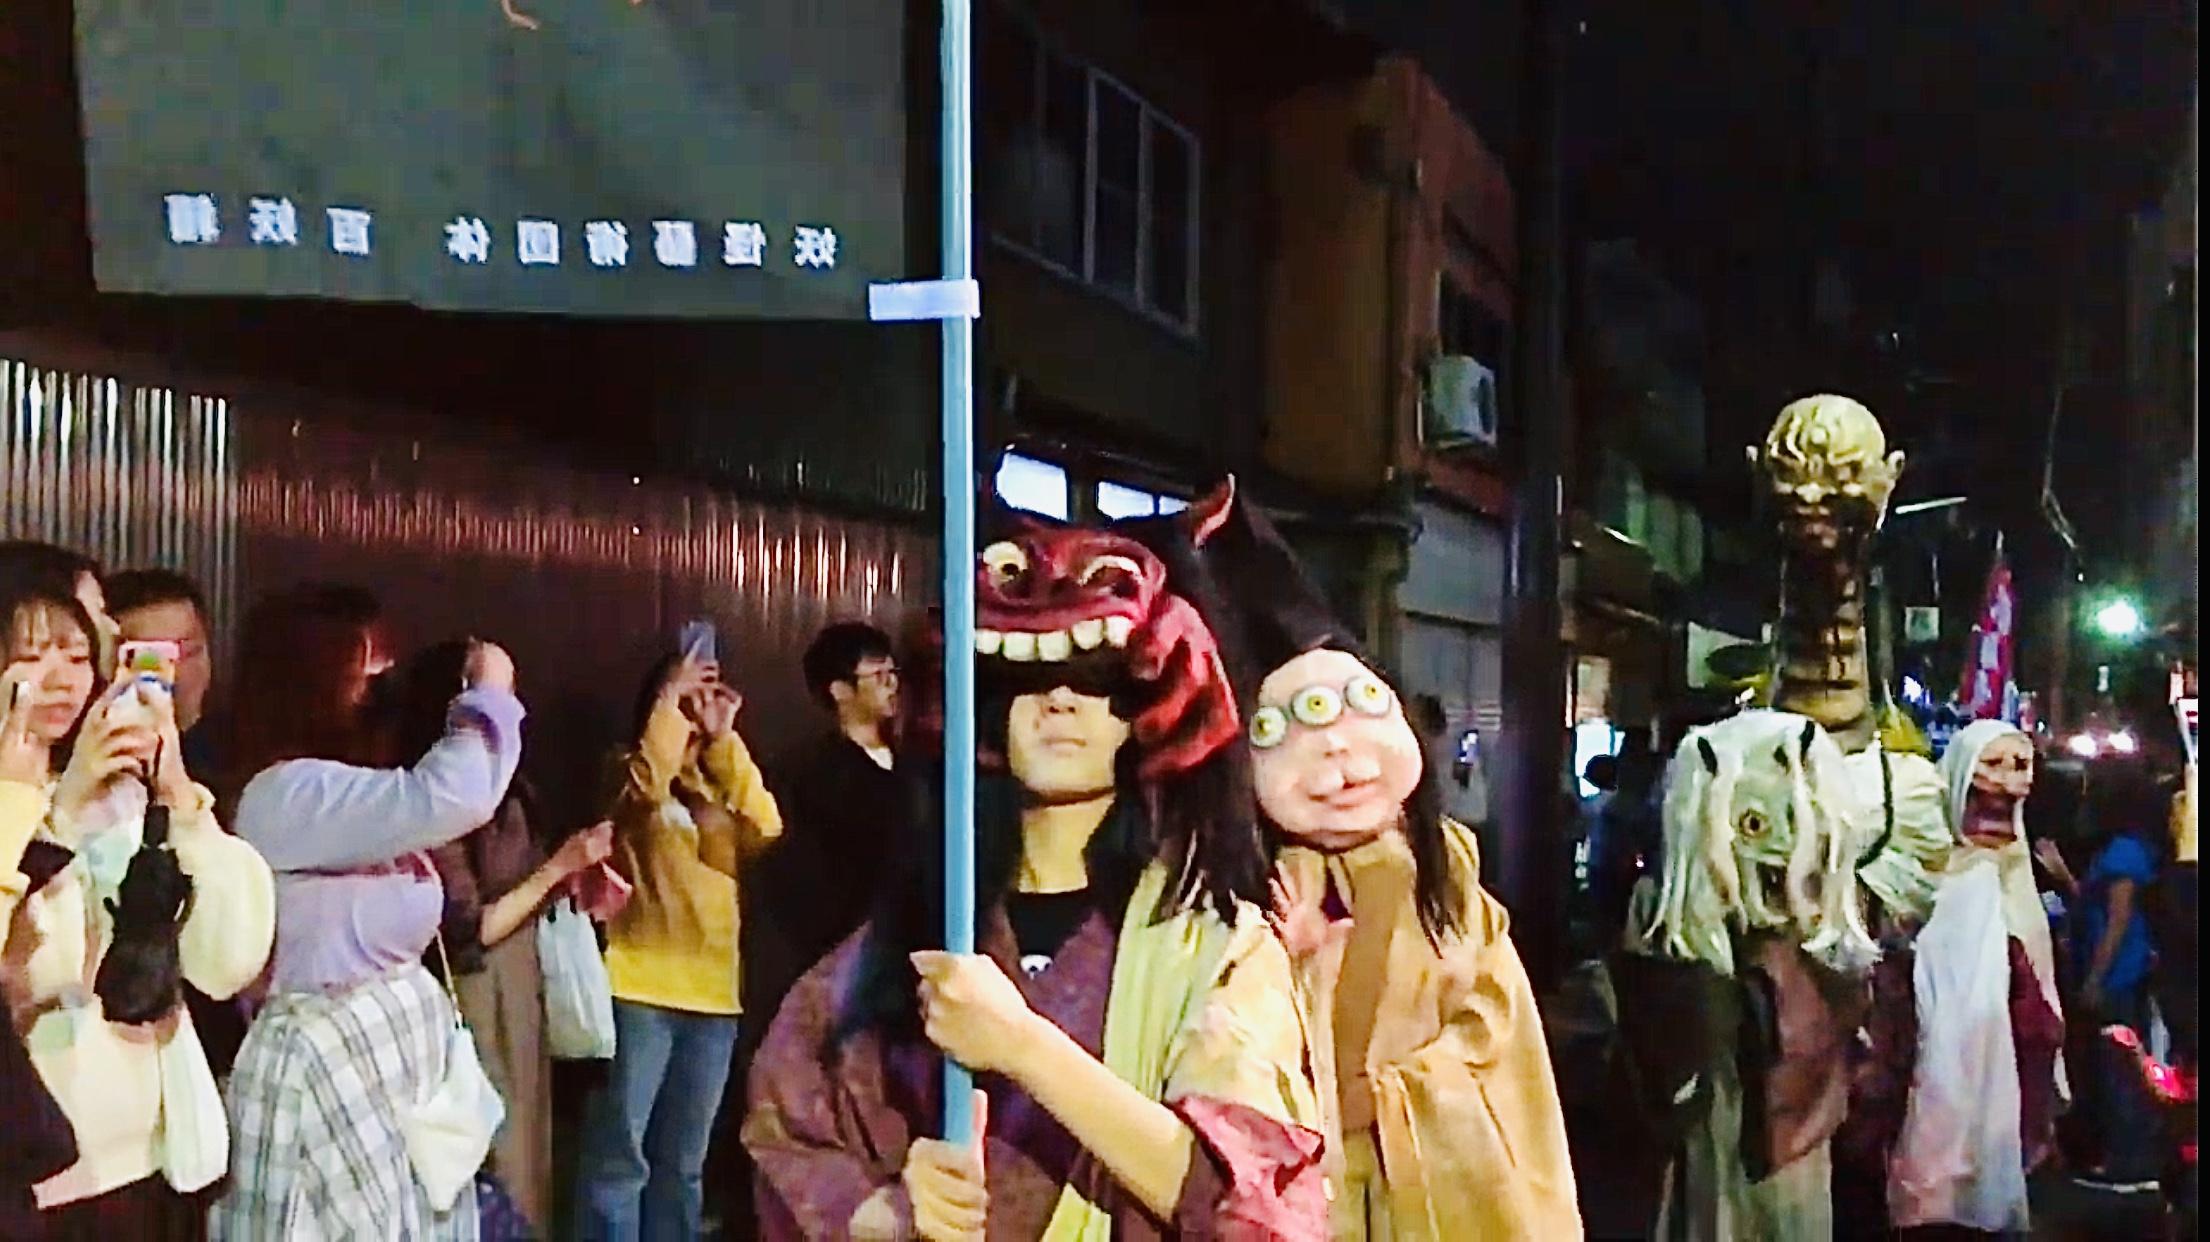 kyoto hyakki yagyo parade traveltherapists2 kyoto hyakki yagyo parade Il mio viaggio in Giappone traveltherapists blog giappone elina e marzia blogger miglior blog di viaggio